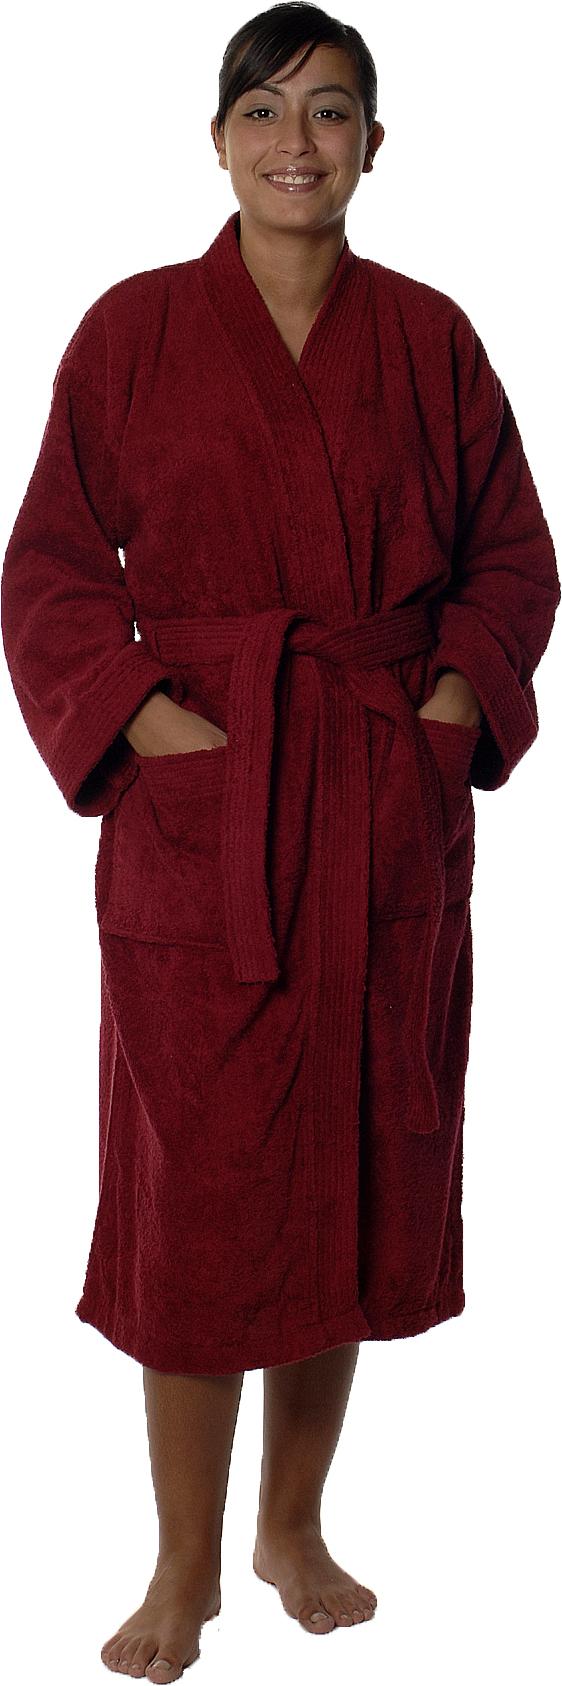 Peignoir col kimono en Coton couleur Bordeaux Taille M (Bordeaux)